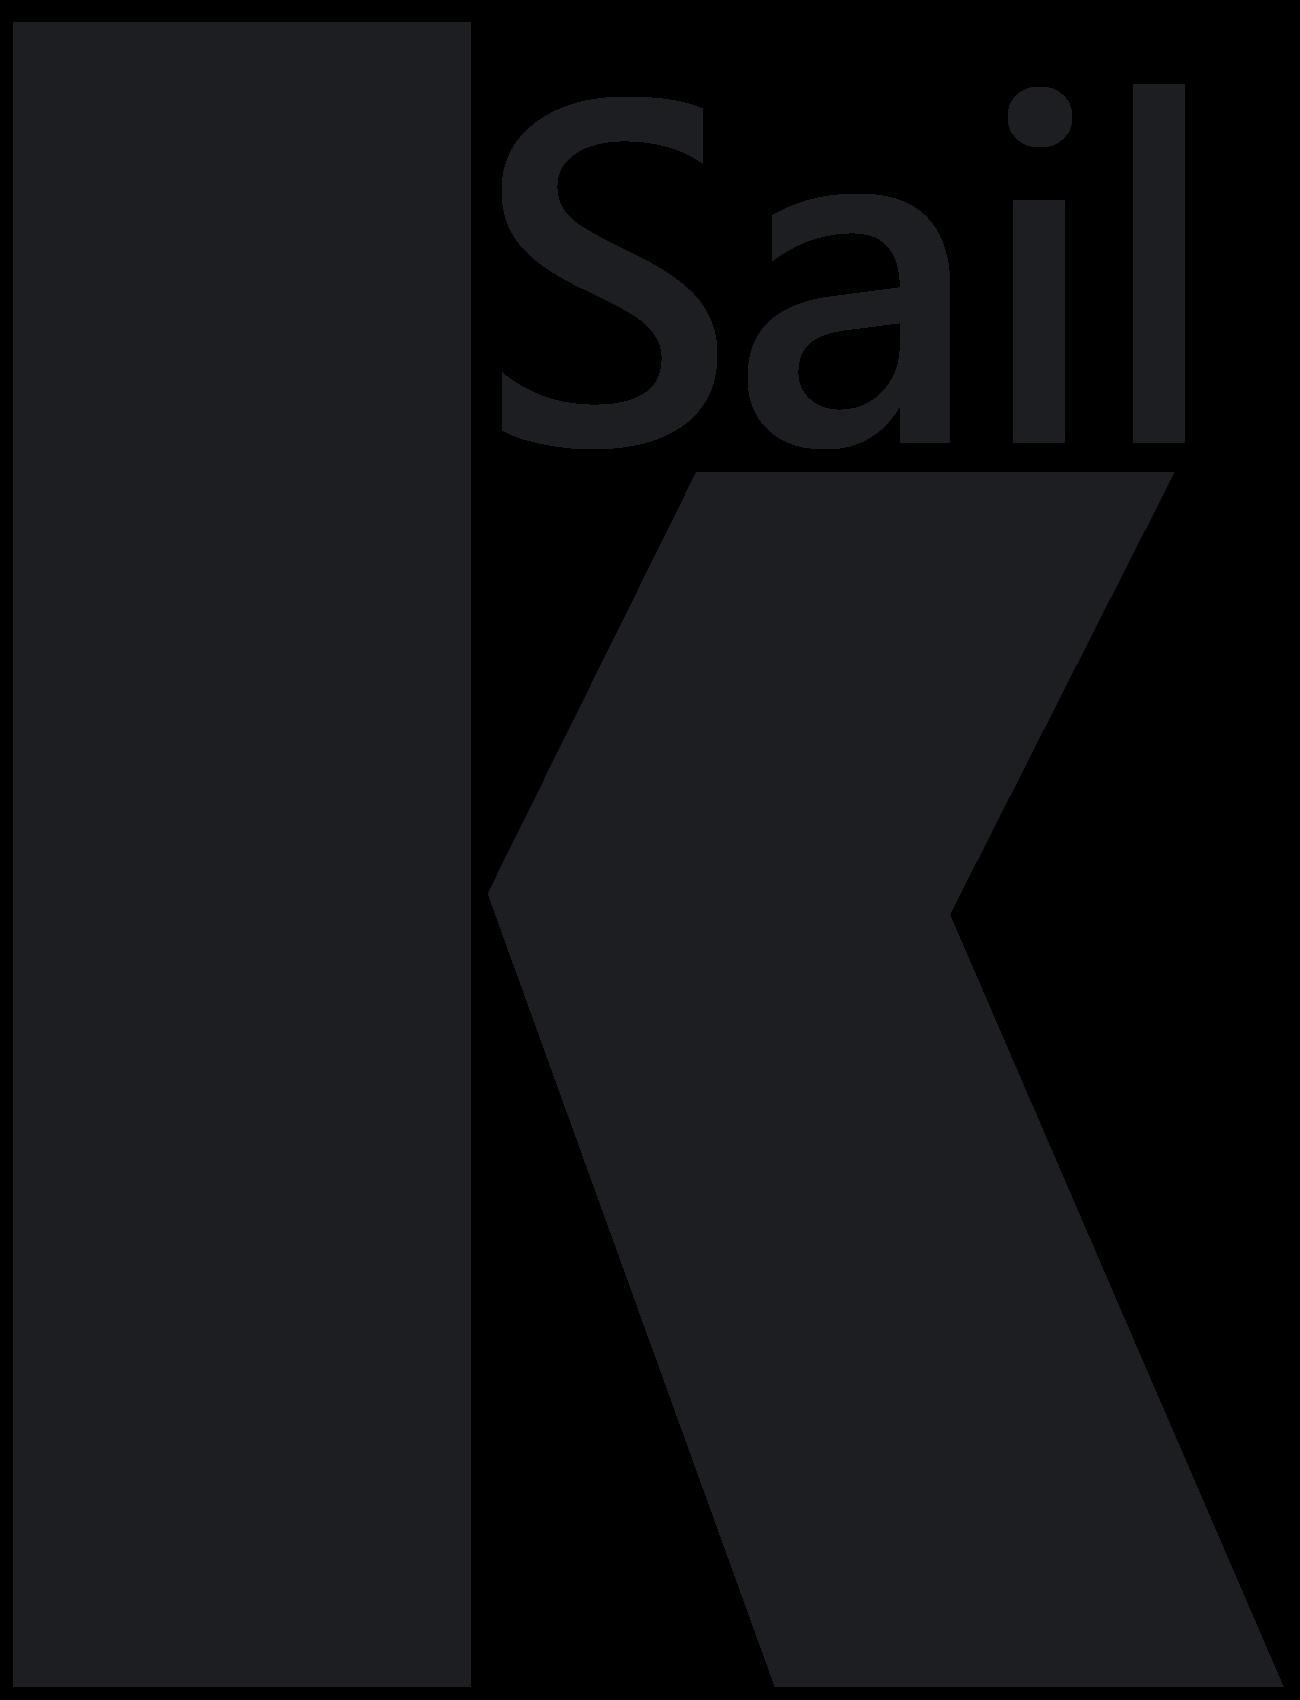 kSail